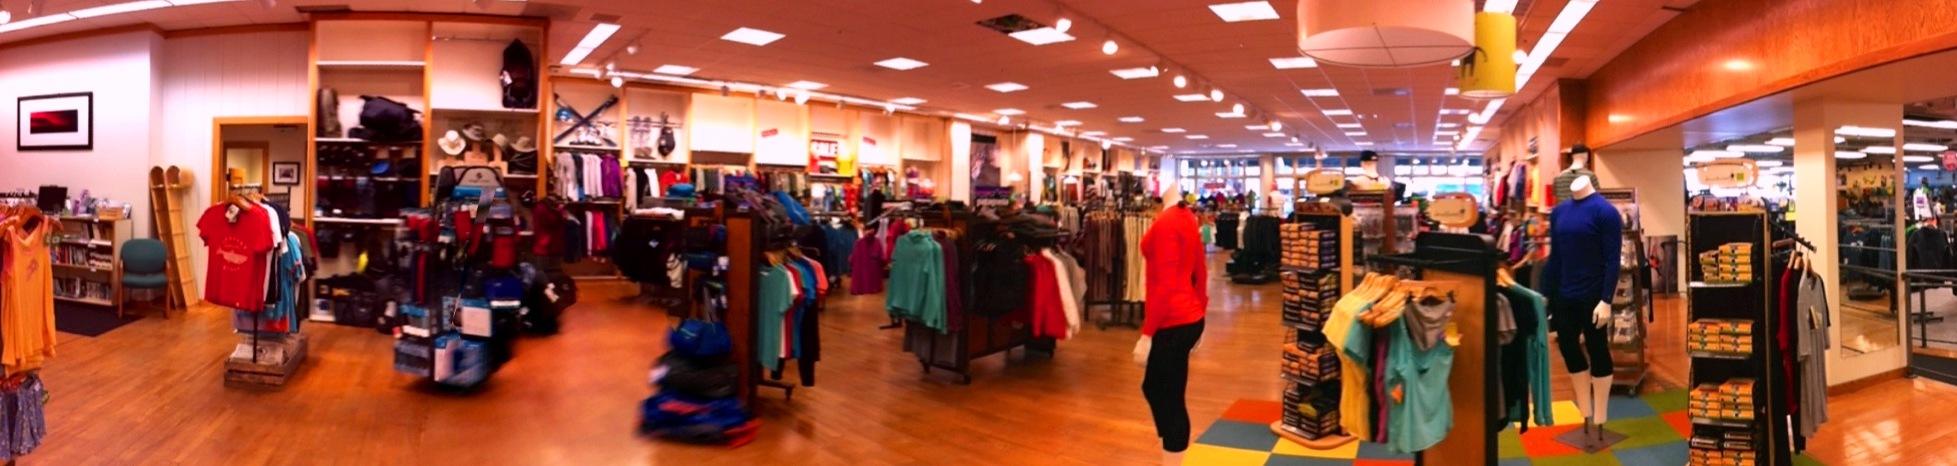 womens store